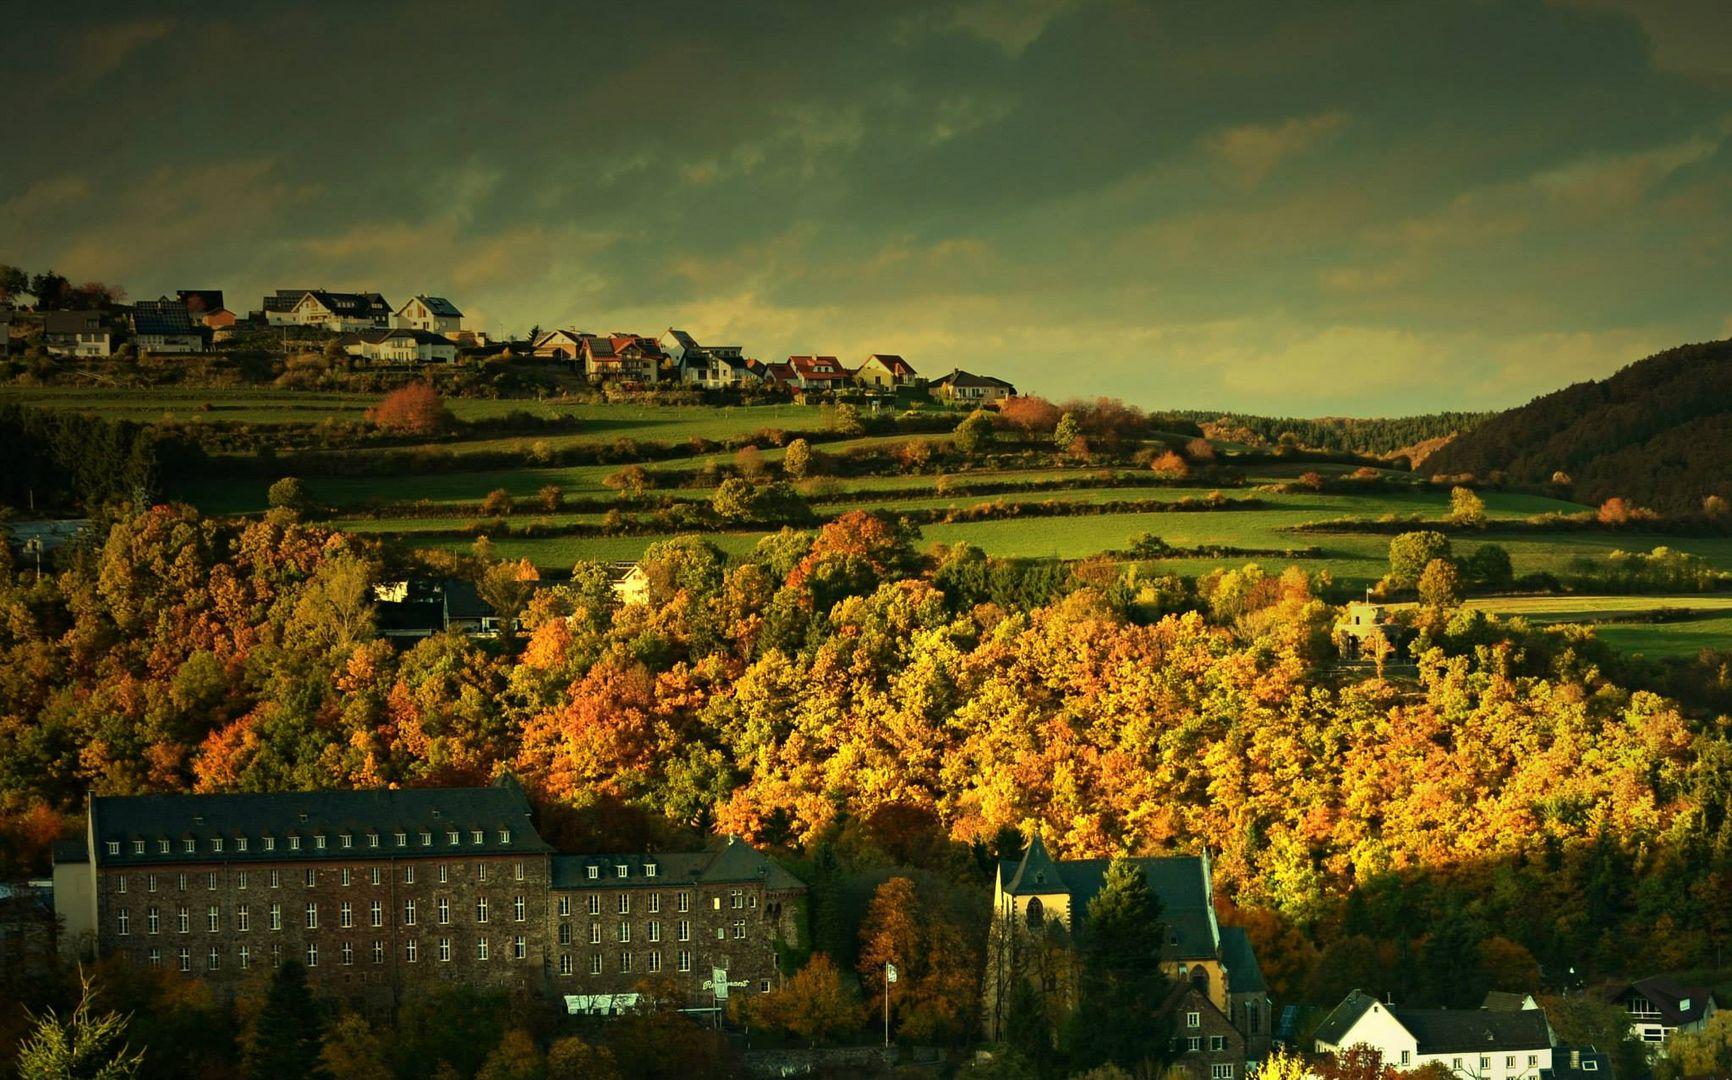 Herbststimmung über Schleiden/Eifel